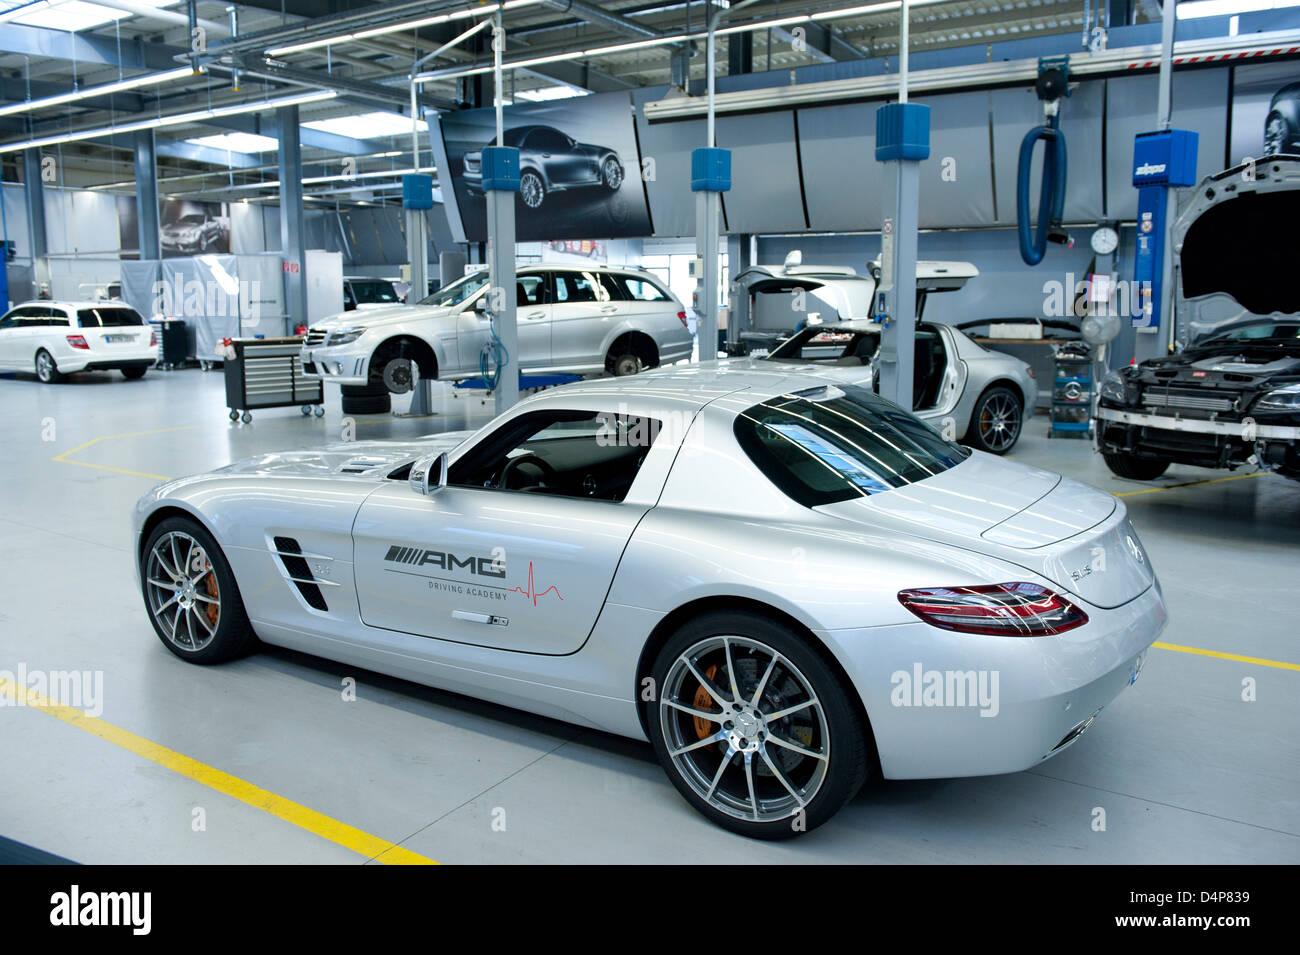 Affalterbach deutschland mercedes amg workshop stockfoto for Mercedes benz germany internship